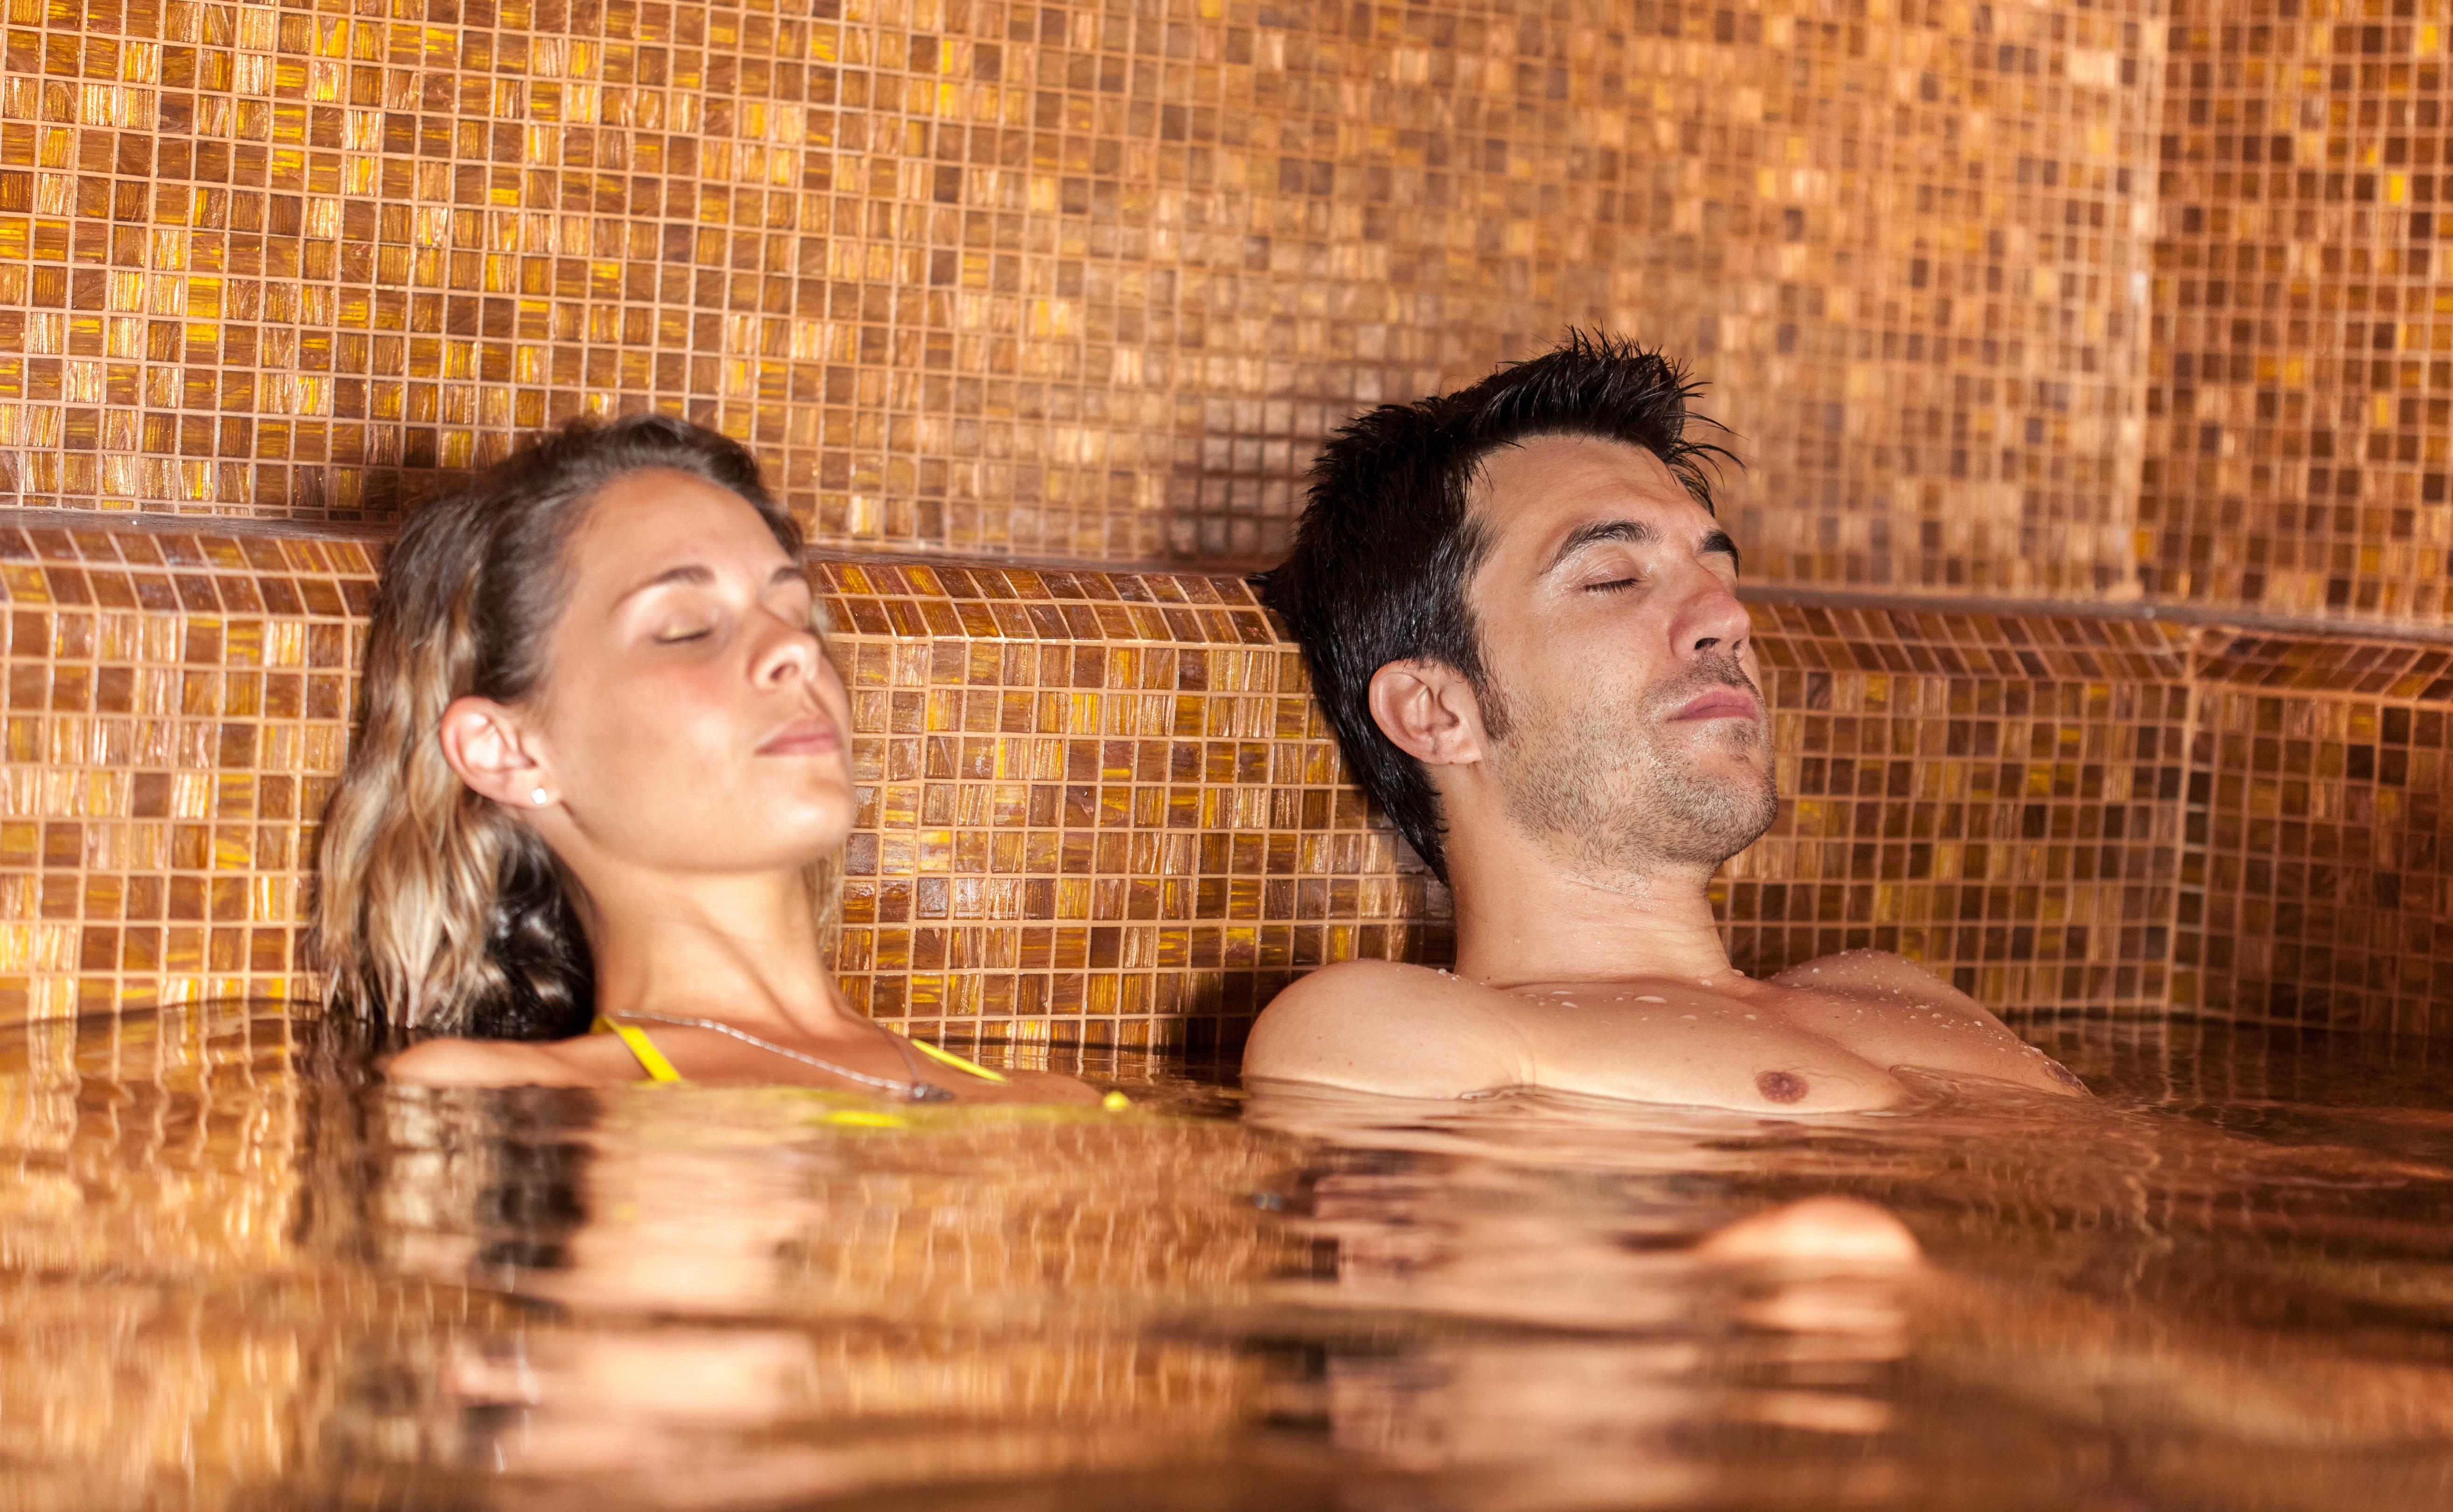 Sie sehen ein Paar liegend und erholend im Thermalbecken. JUFA Hotels bietet erholsamen Thermen- und Badespass für die ganze Familie.